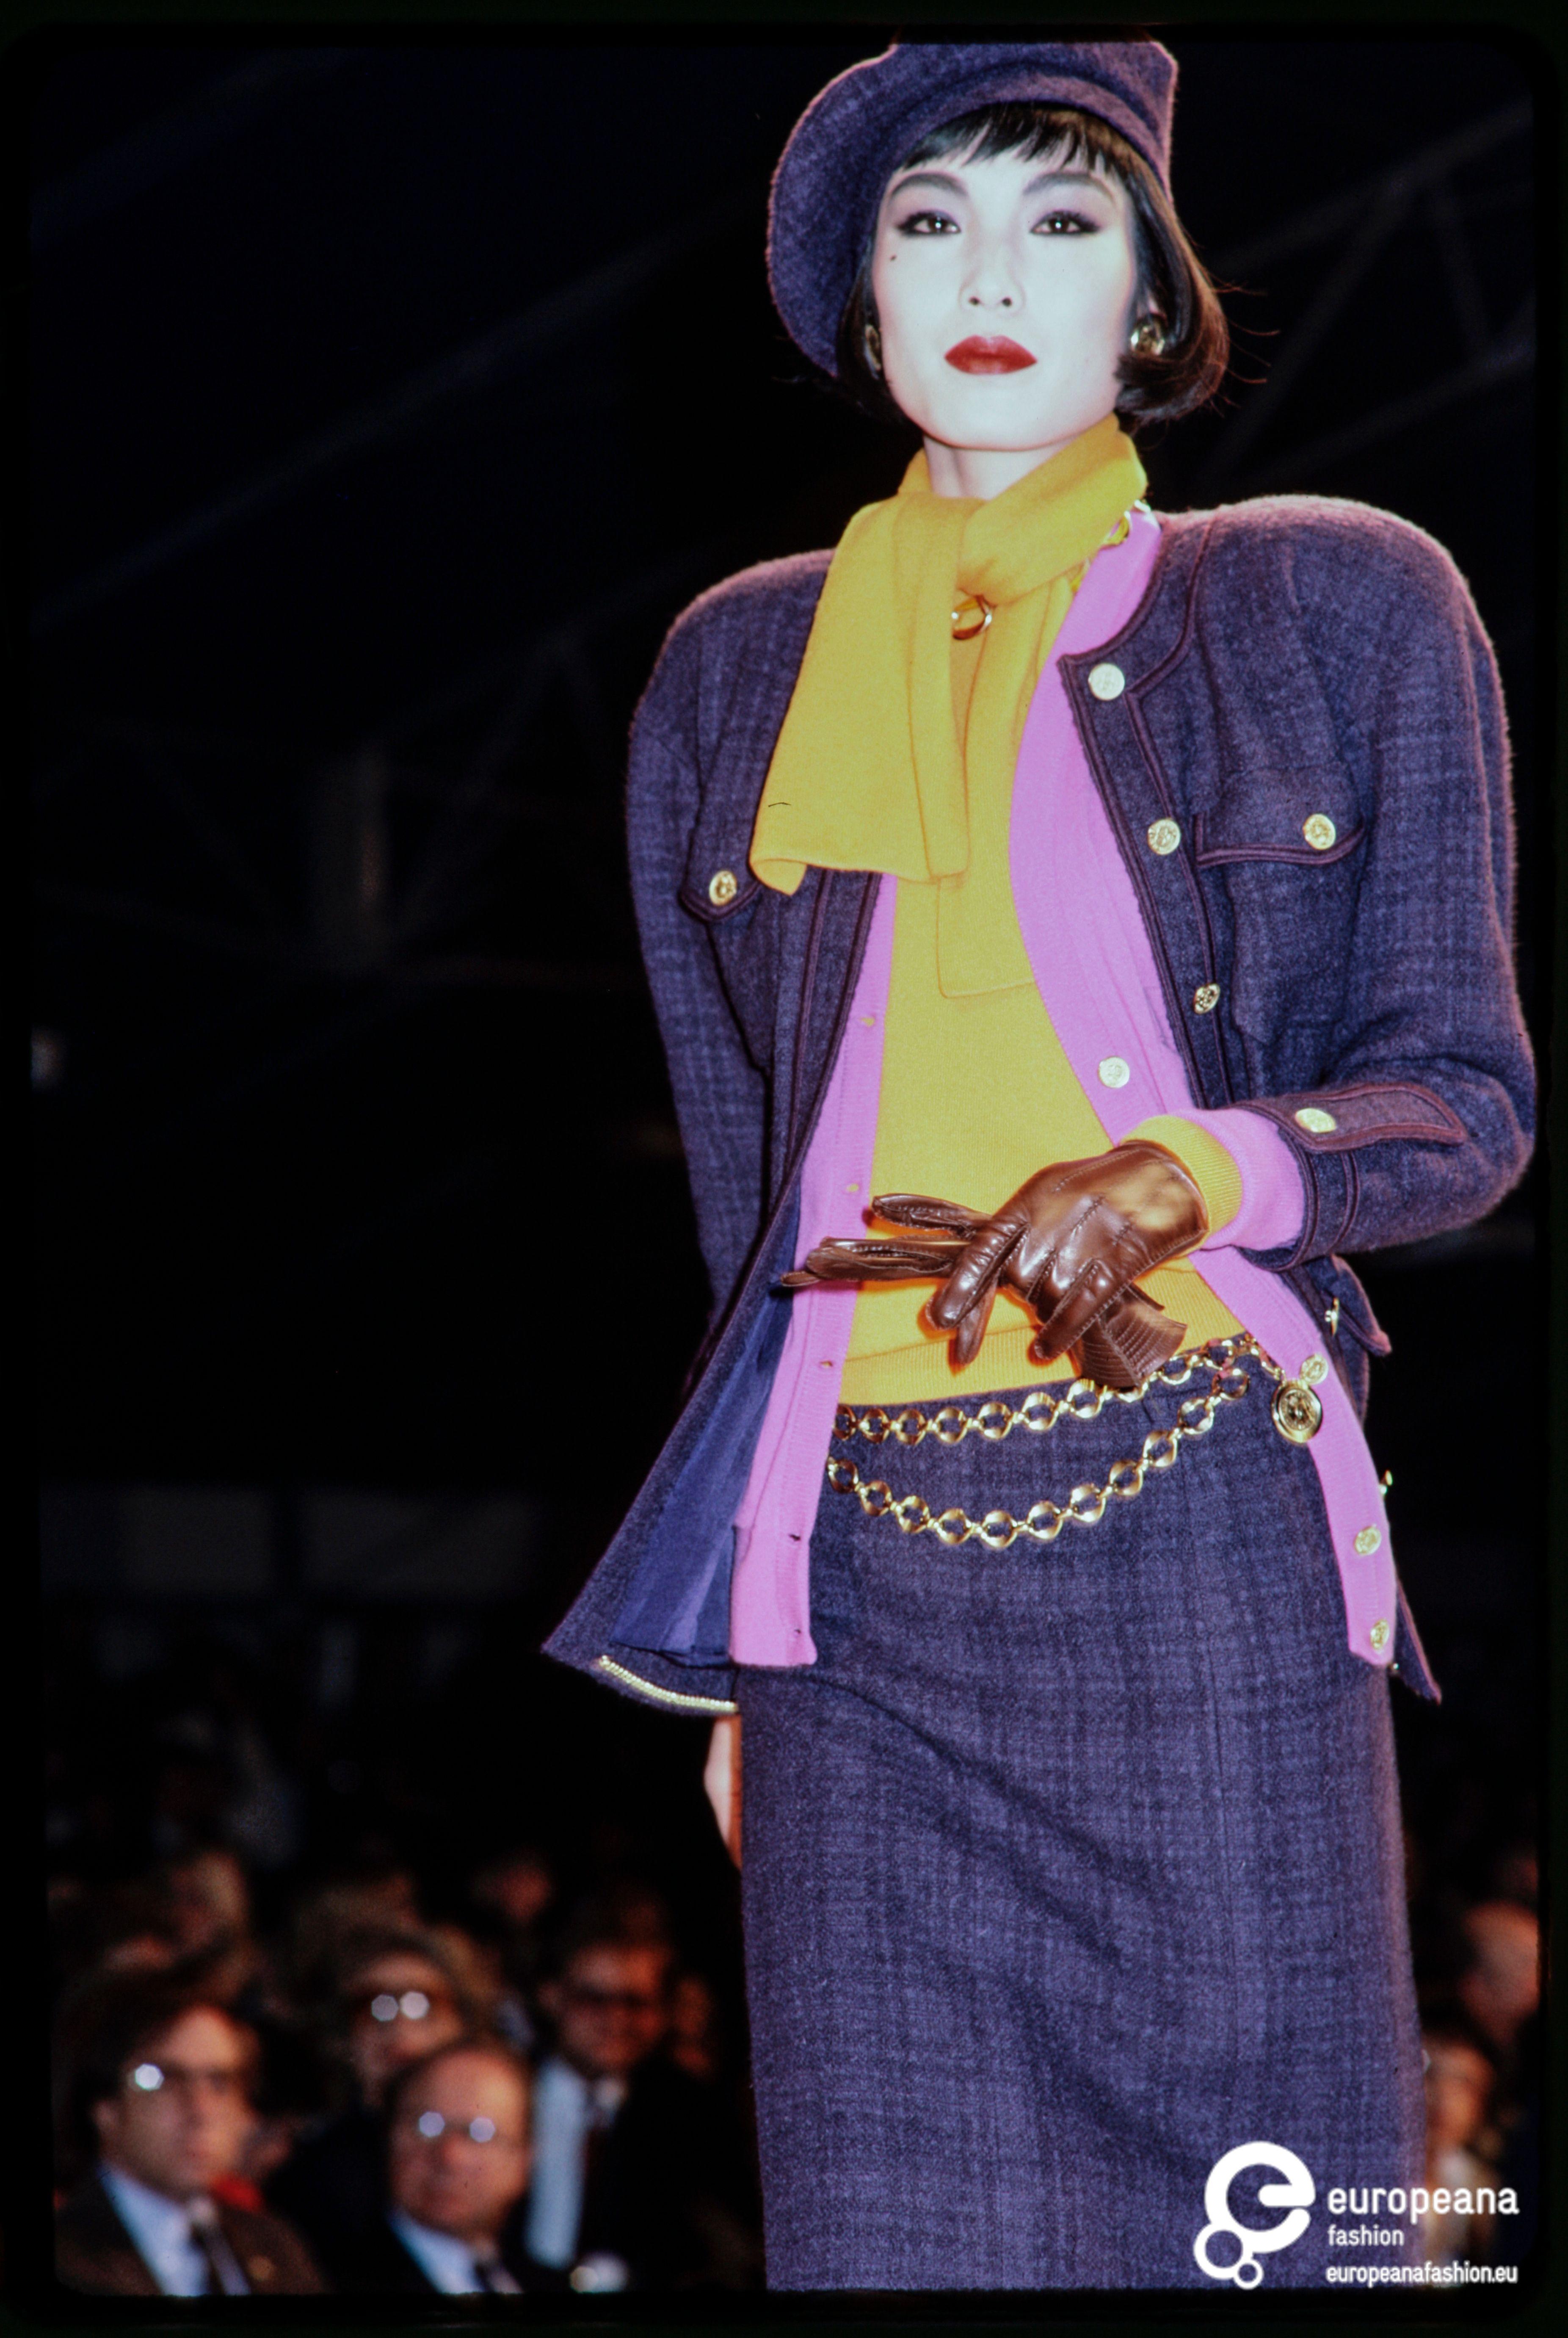 Chanel Runway F W 1985 By Lagerfeld Paris France Fashion Chanel Runway 80s Fashion